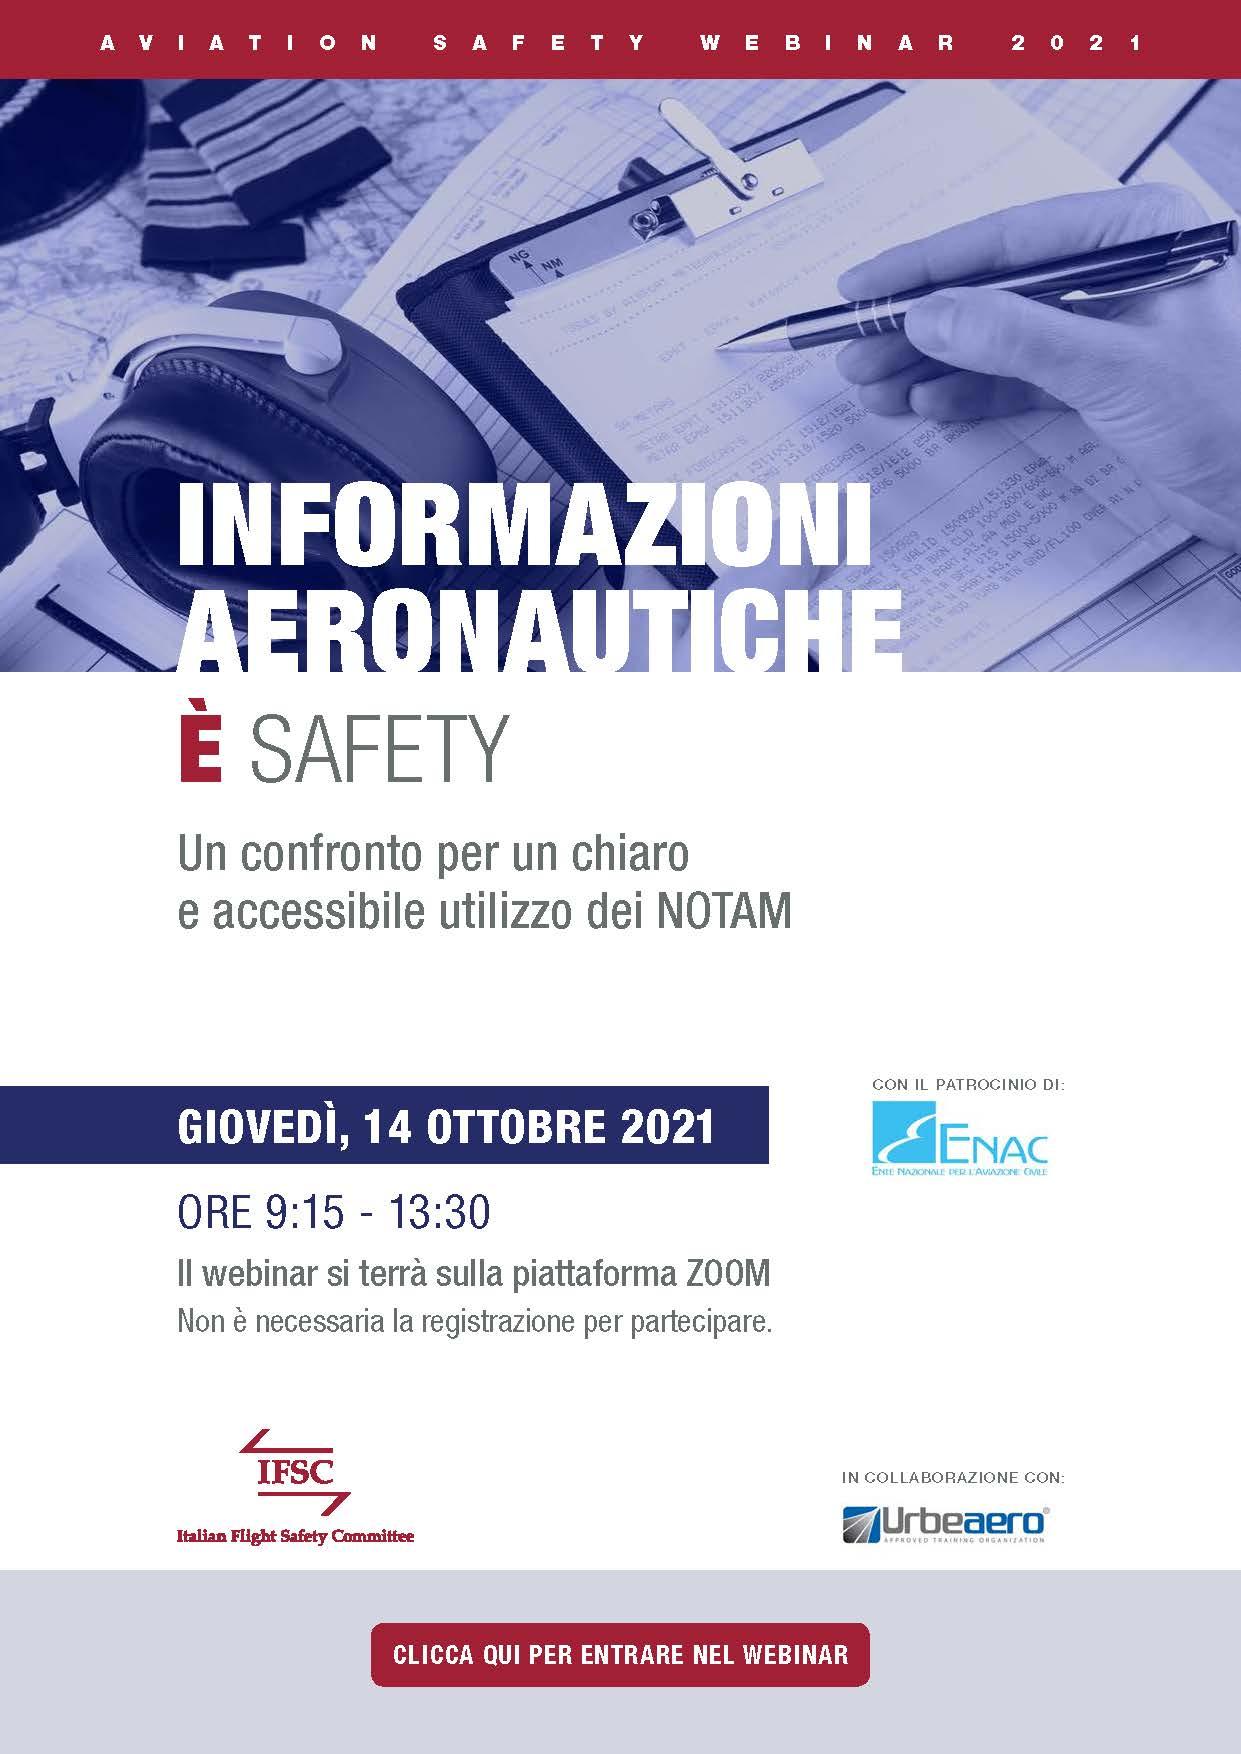 Informazioni aeronautiche è Safety. Webinar IFSC